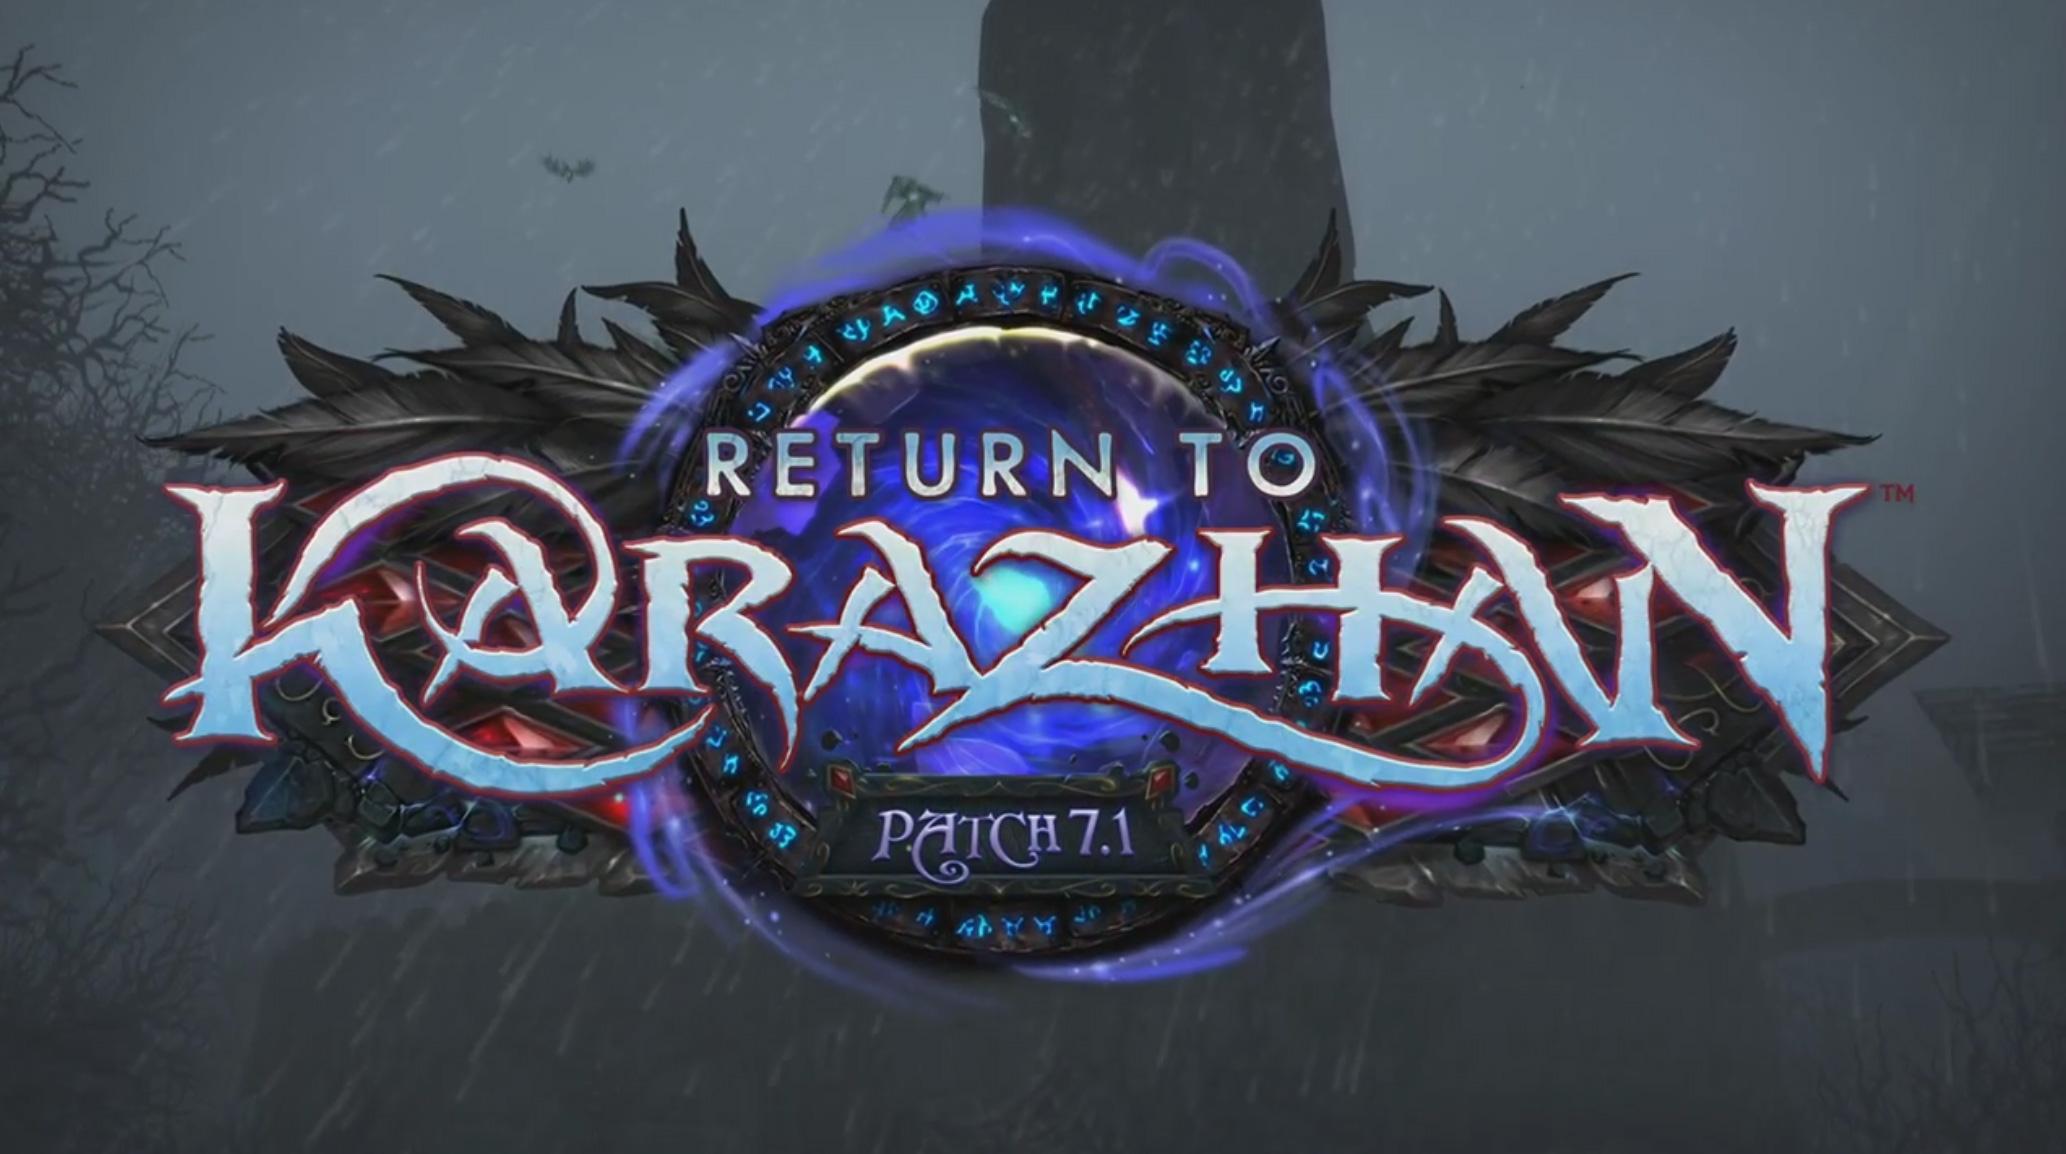 World of Warcraft: Legion nos llevará de vuelta a Karazhan con su parche 7.1 [GC 2016]